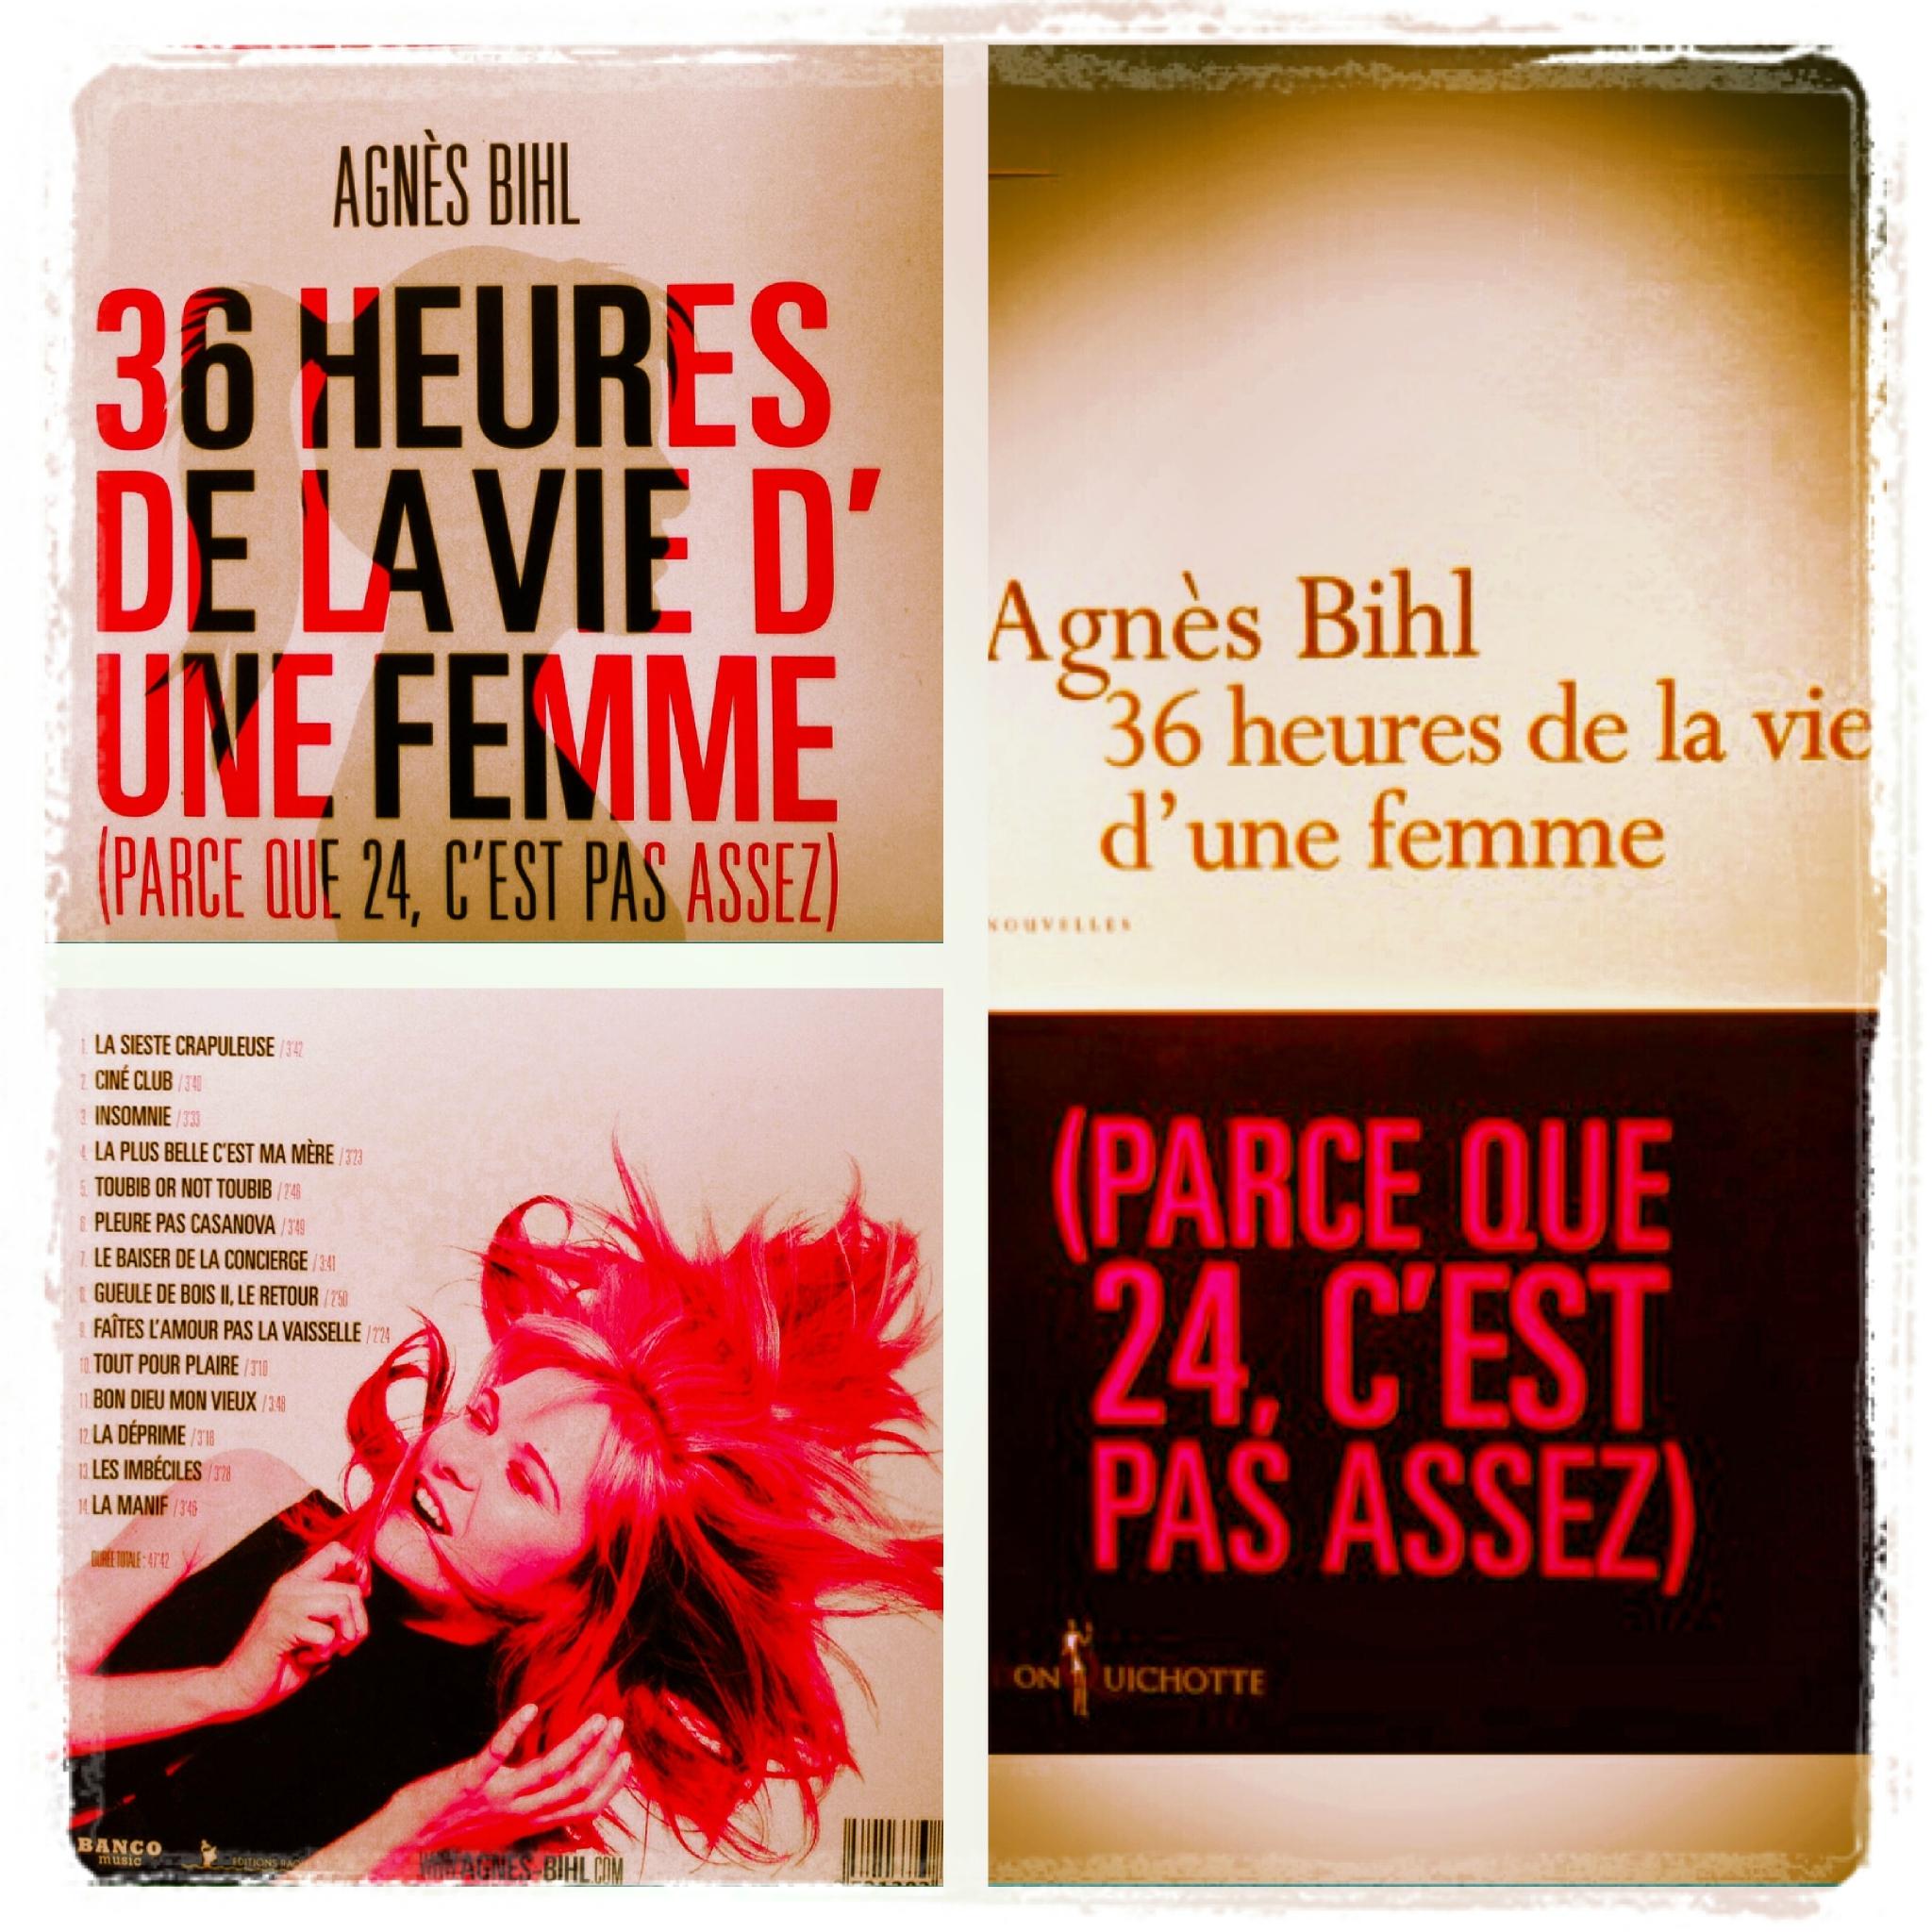 36 HEURES DE LA VIE D'UNE FEMME (PARCE QUE 24, C'EST PAS ASSEZ) - Agnès BIHL